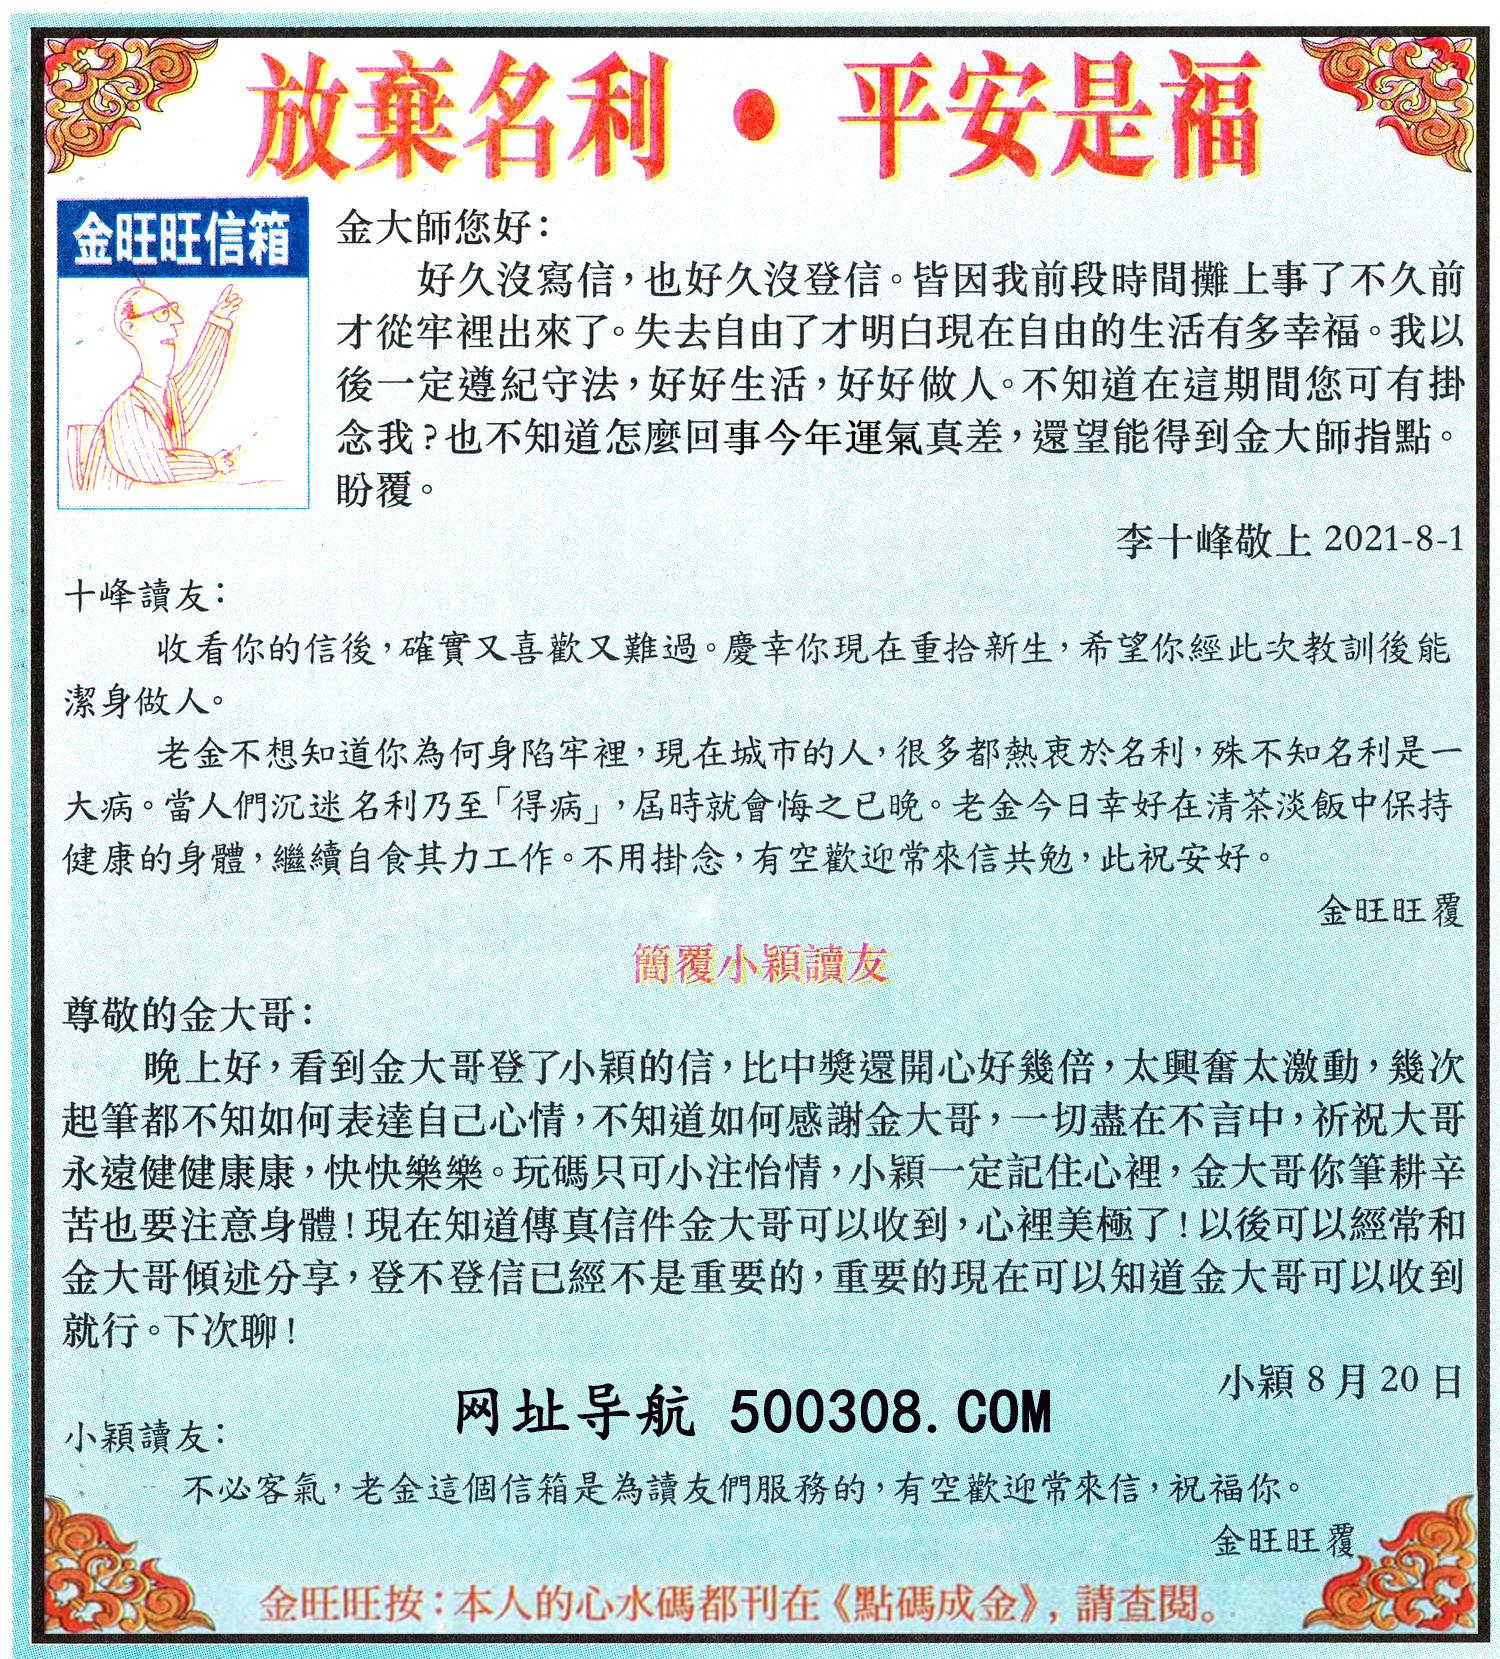 091期:金旺旺信箱彩民推荐→→《放��名利・平安是福》